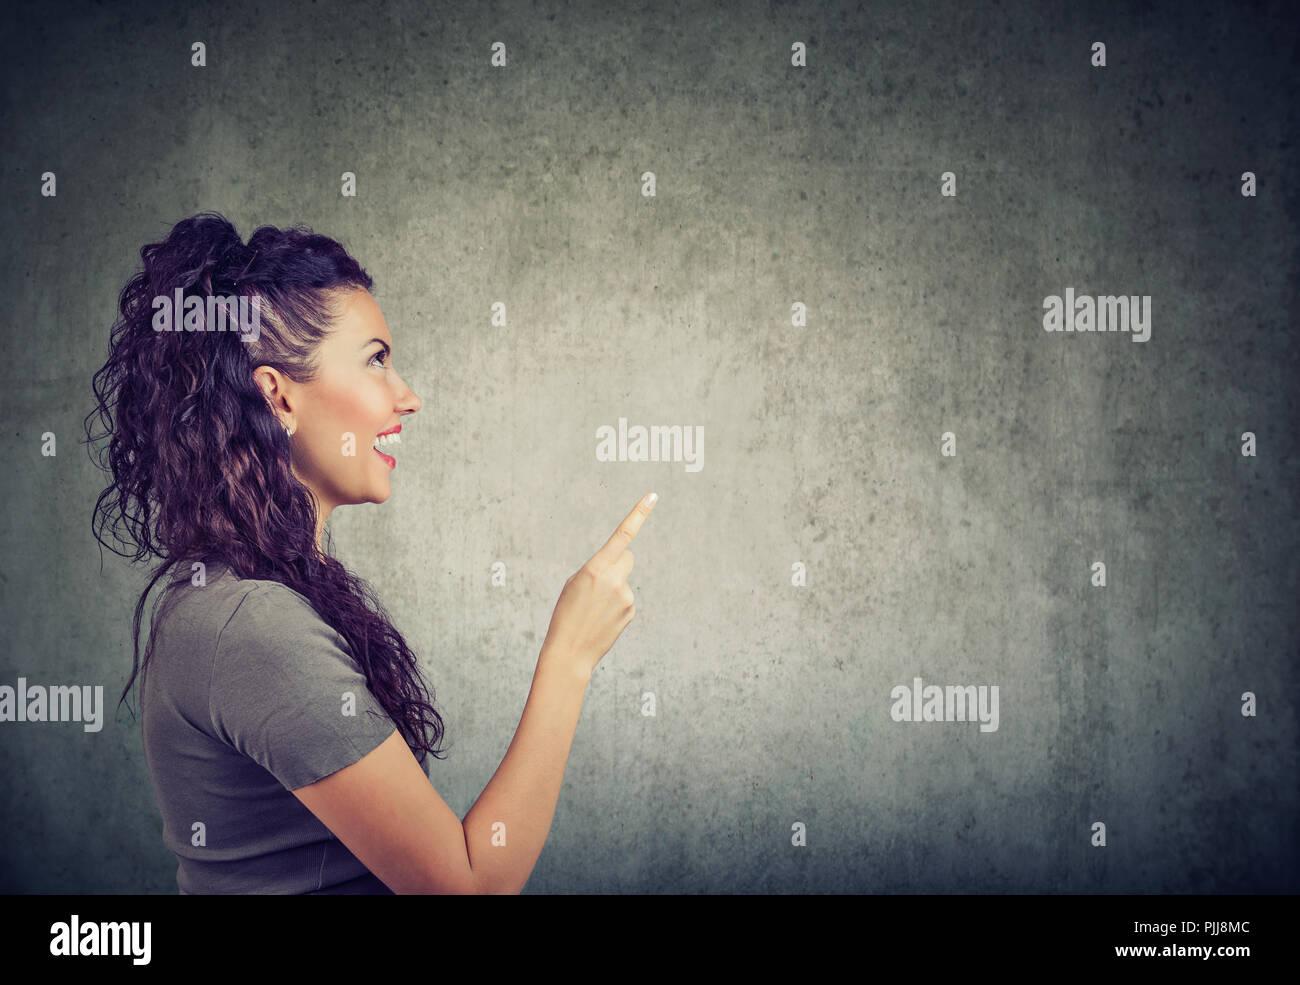 Vue latérale du doigt de maintien femme excitée par avoir idée lumineuse sur fond gris Photo Stock